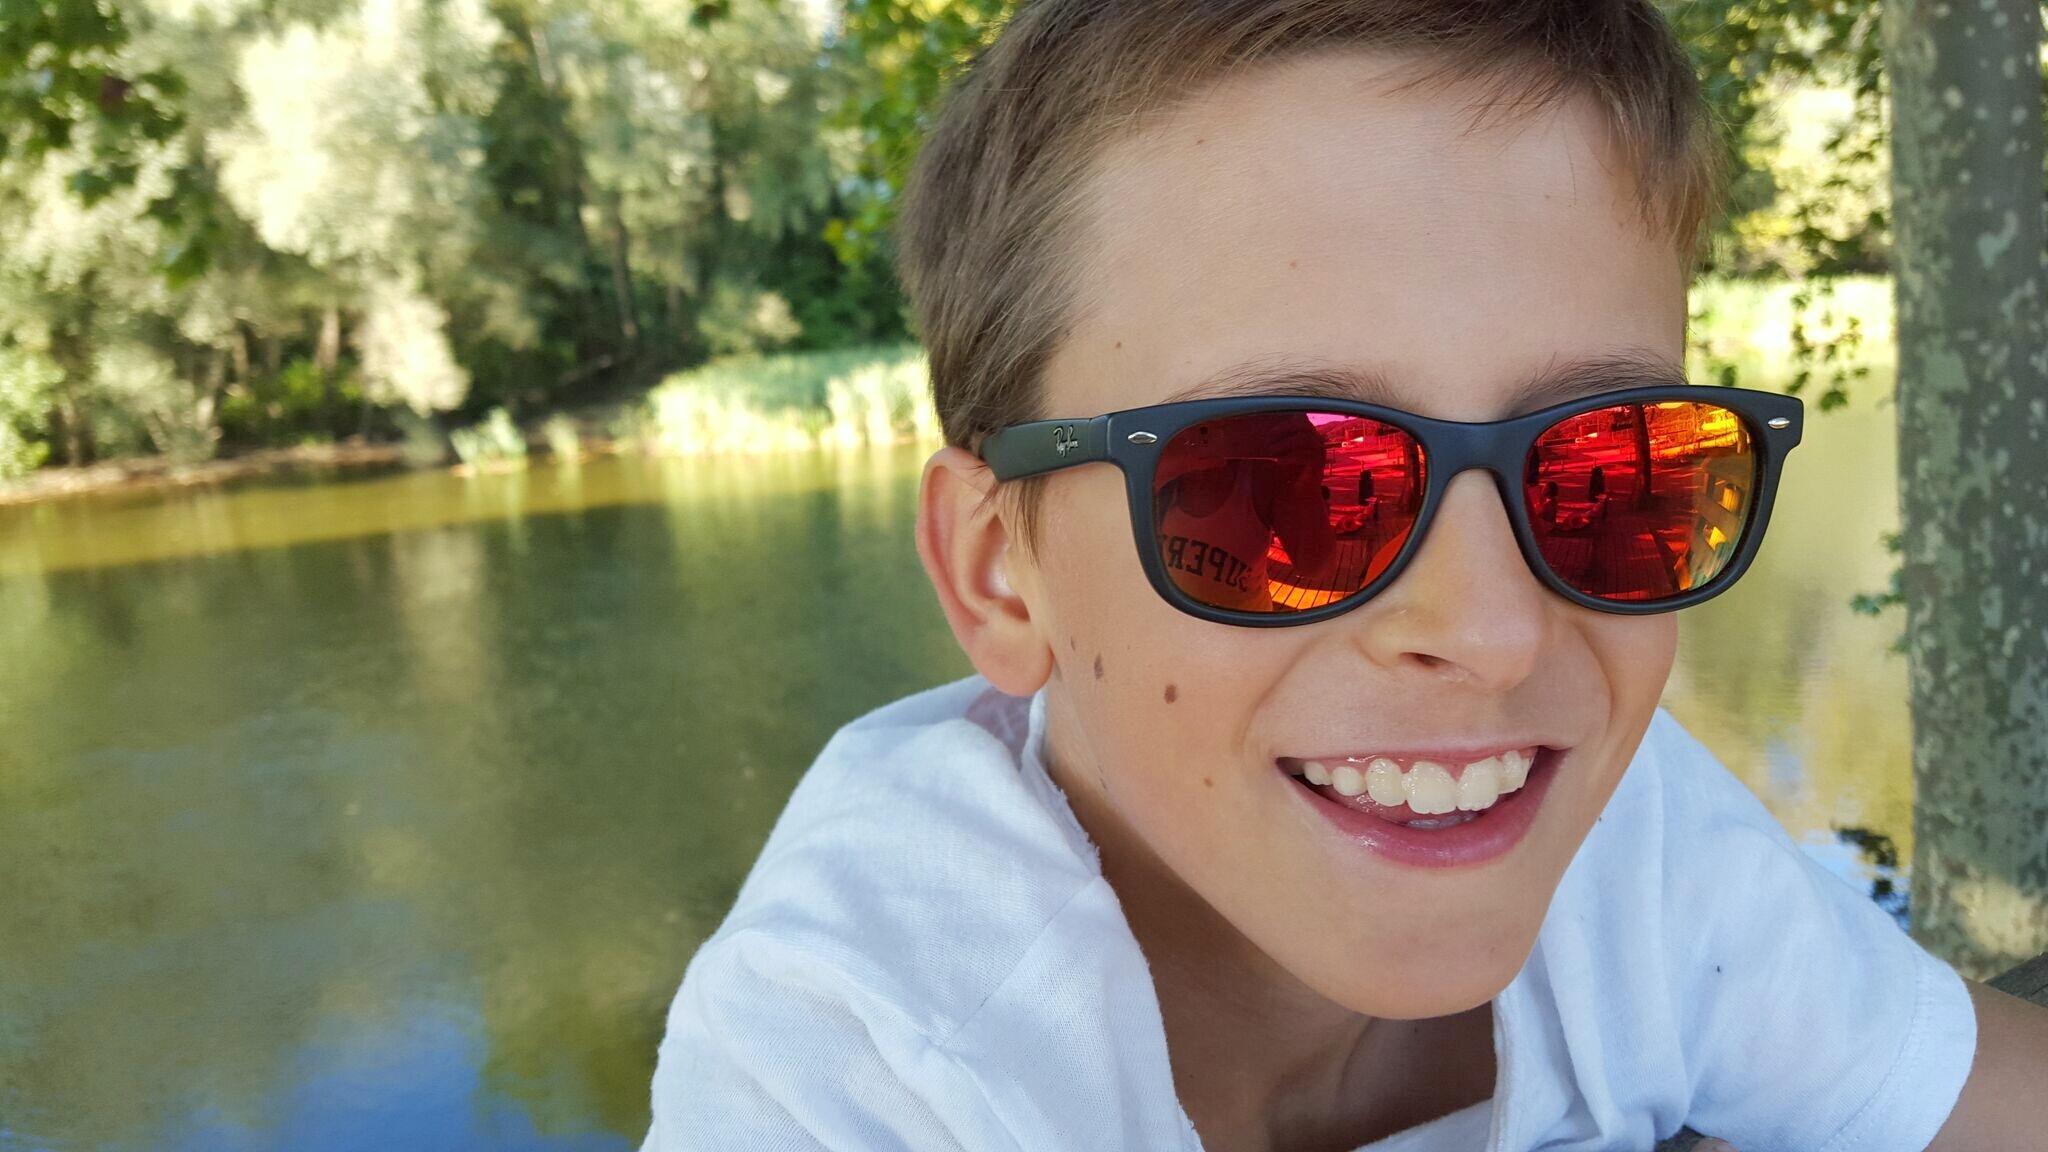 b0dc516f12 Gafas de sol graduadas para niños – todoconmisgafas